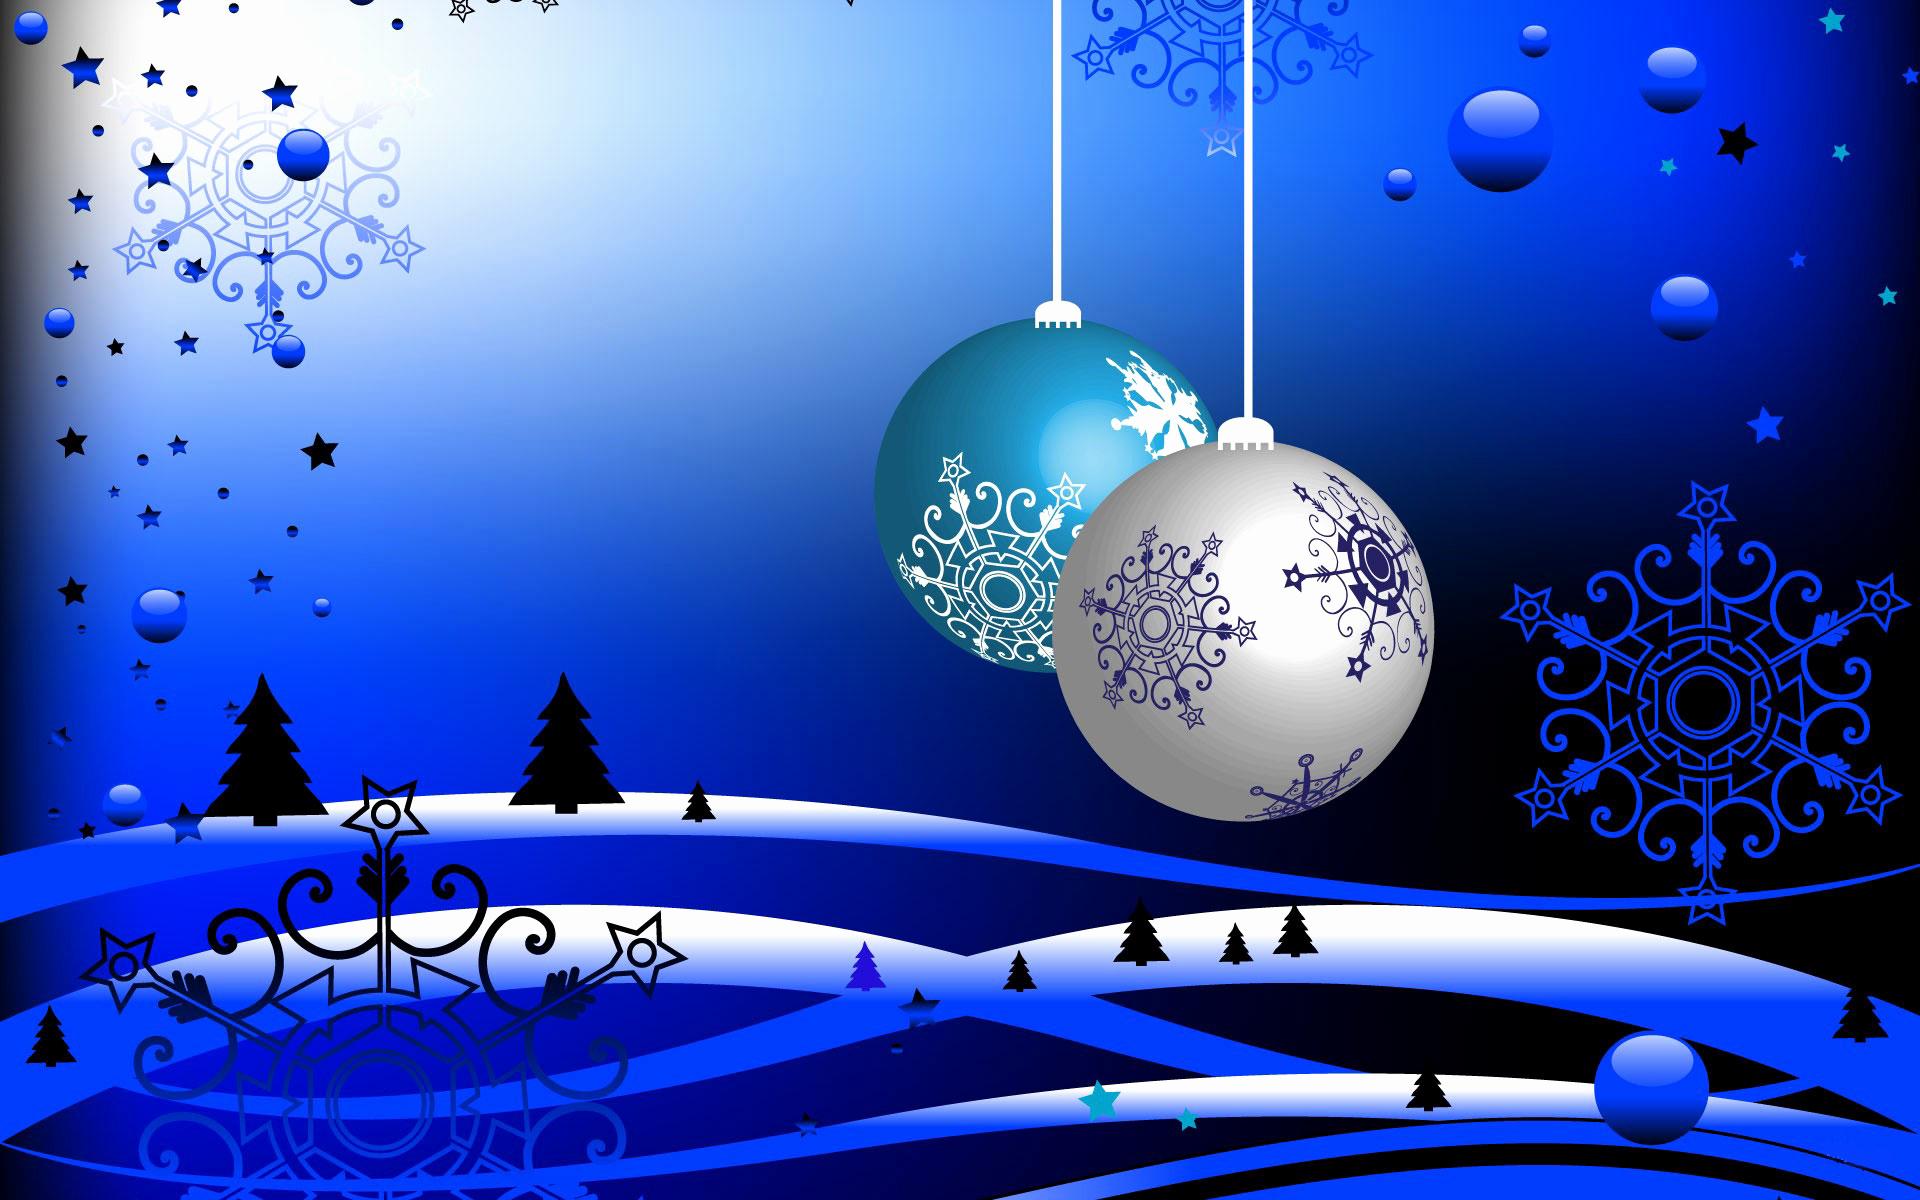 Free Christmas Desktop Wallpaper Lovely Free 3d Christmas Wallpaper